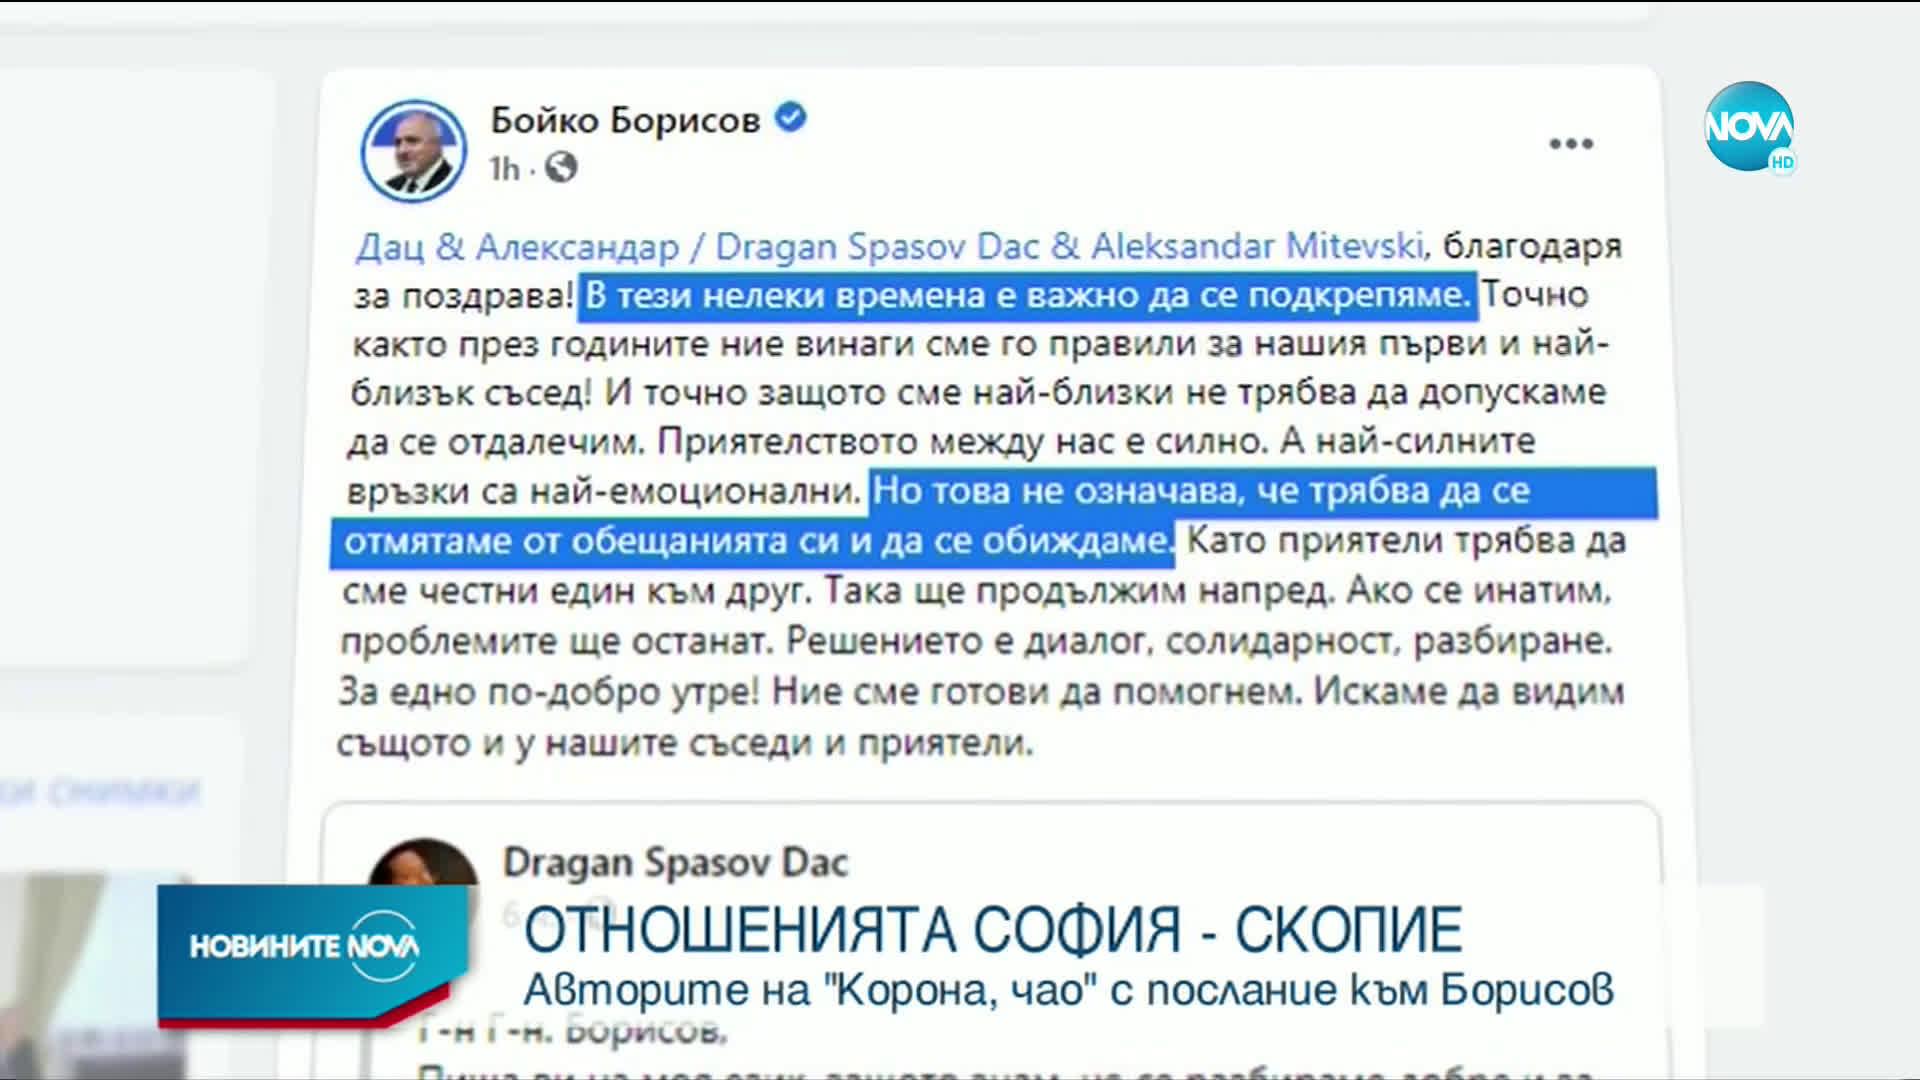 """Авторите на """"Корона, чао"""" с послание към Борисов"""